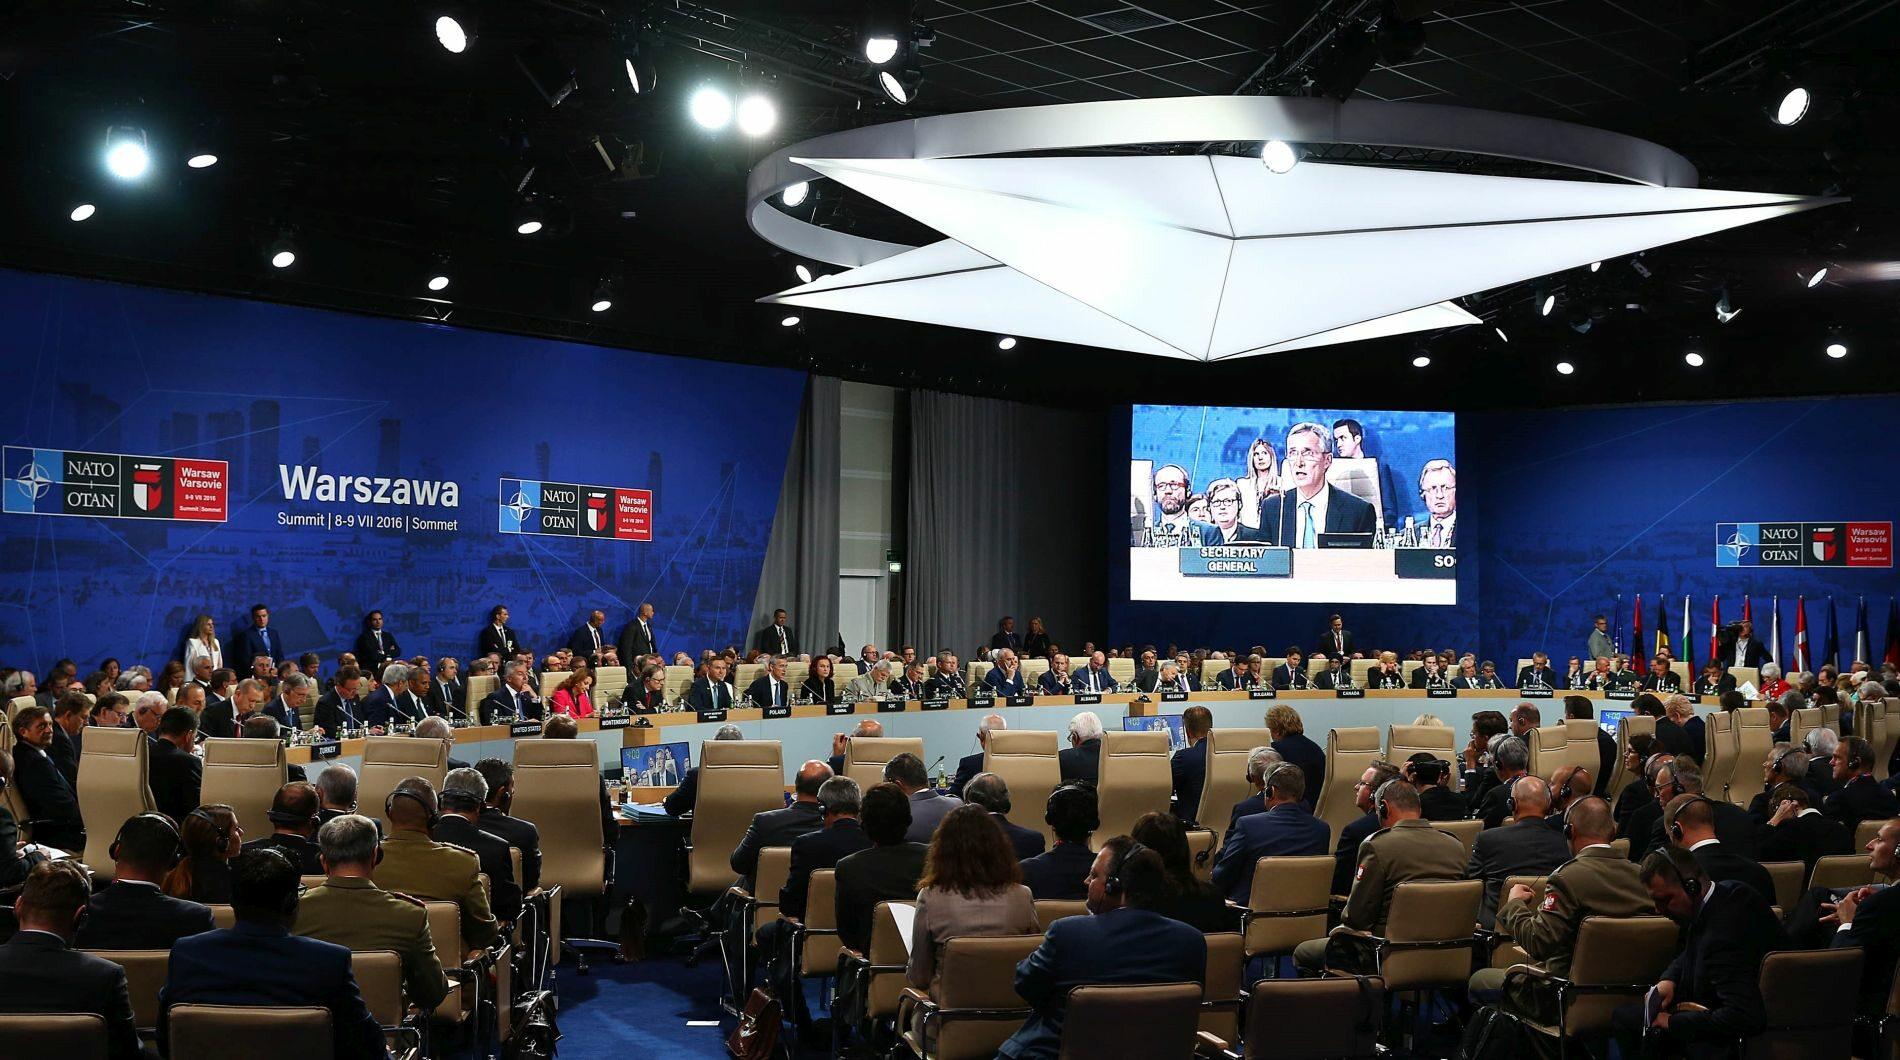 Sesja podczas szczytu NATO w Warszawie